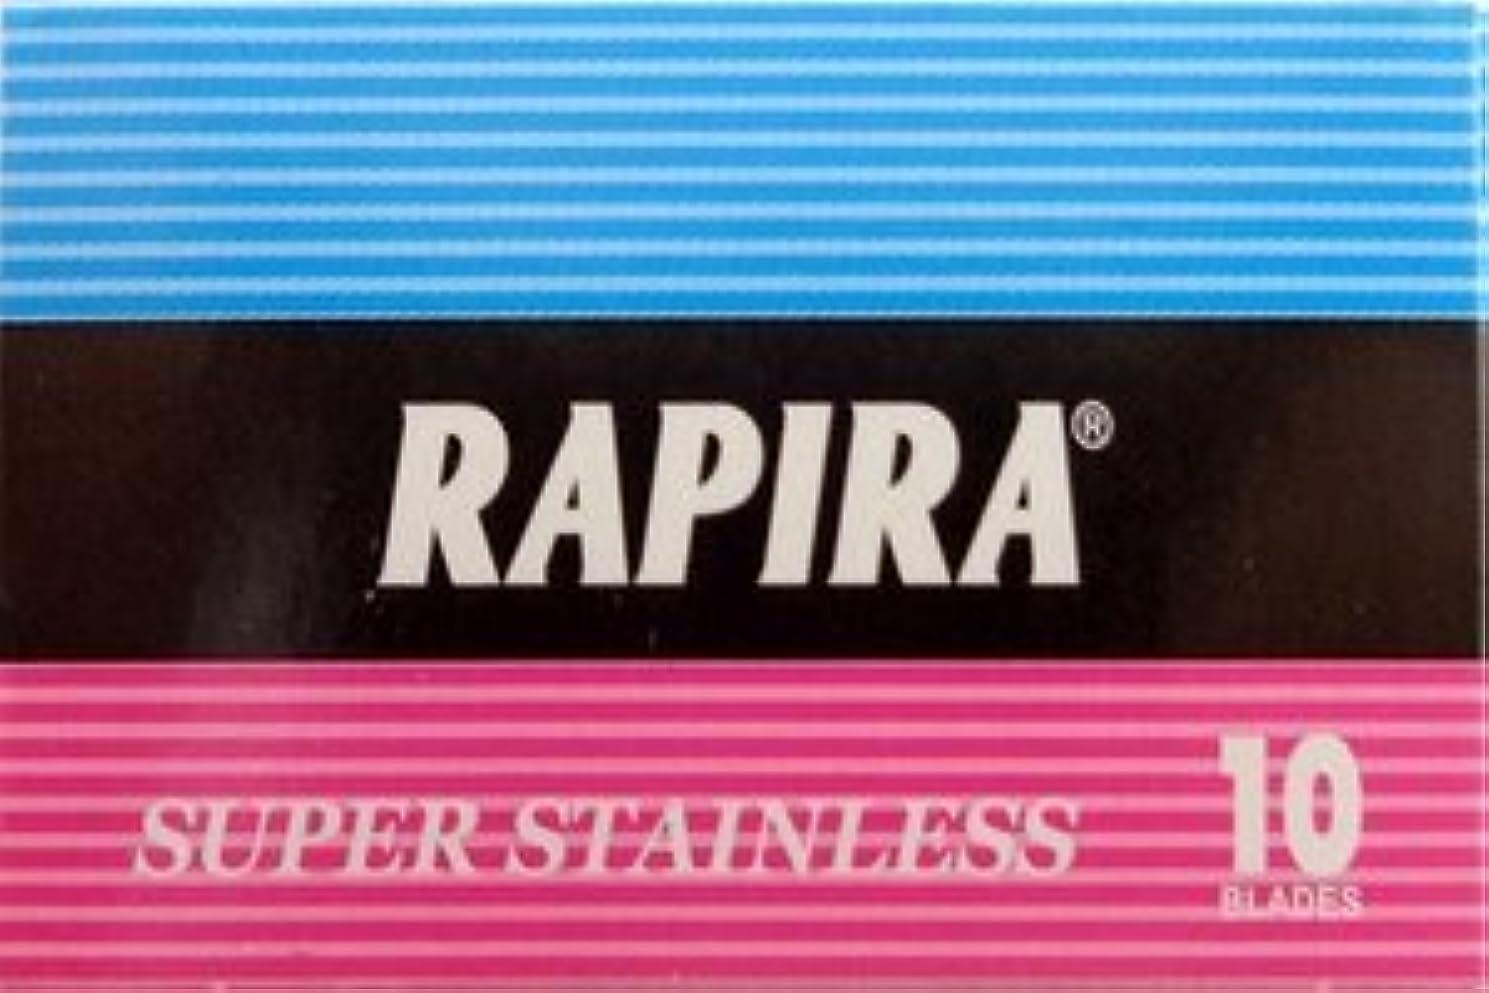 六気付くプロフェッショナルRapira Super Stainless 両刃替刃 10枚入り(10枚入り1 個セット)【並行輸入品】